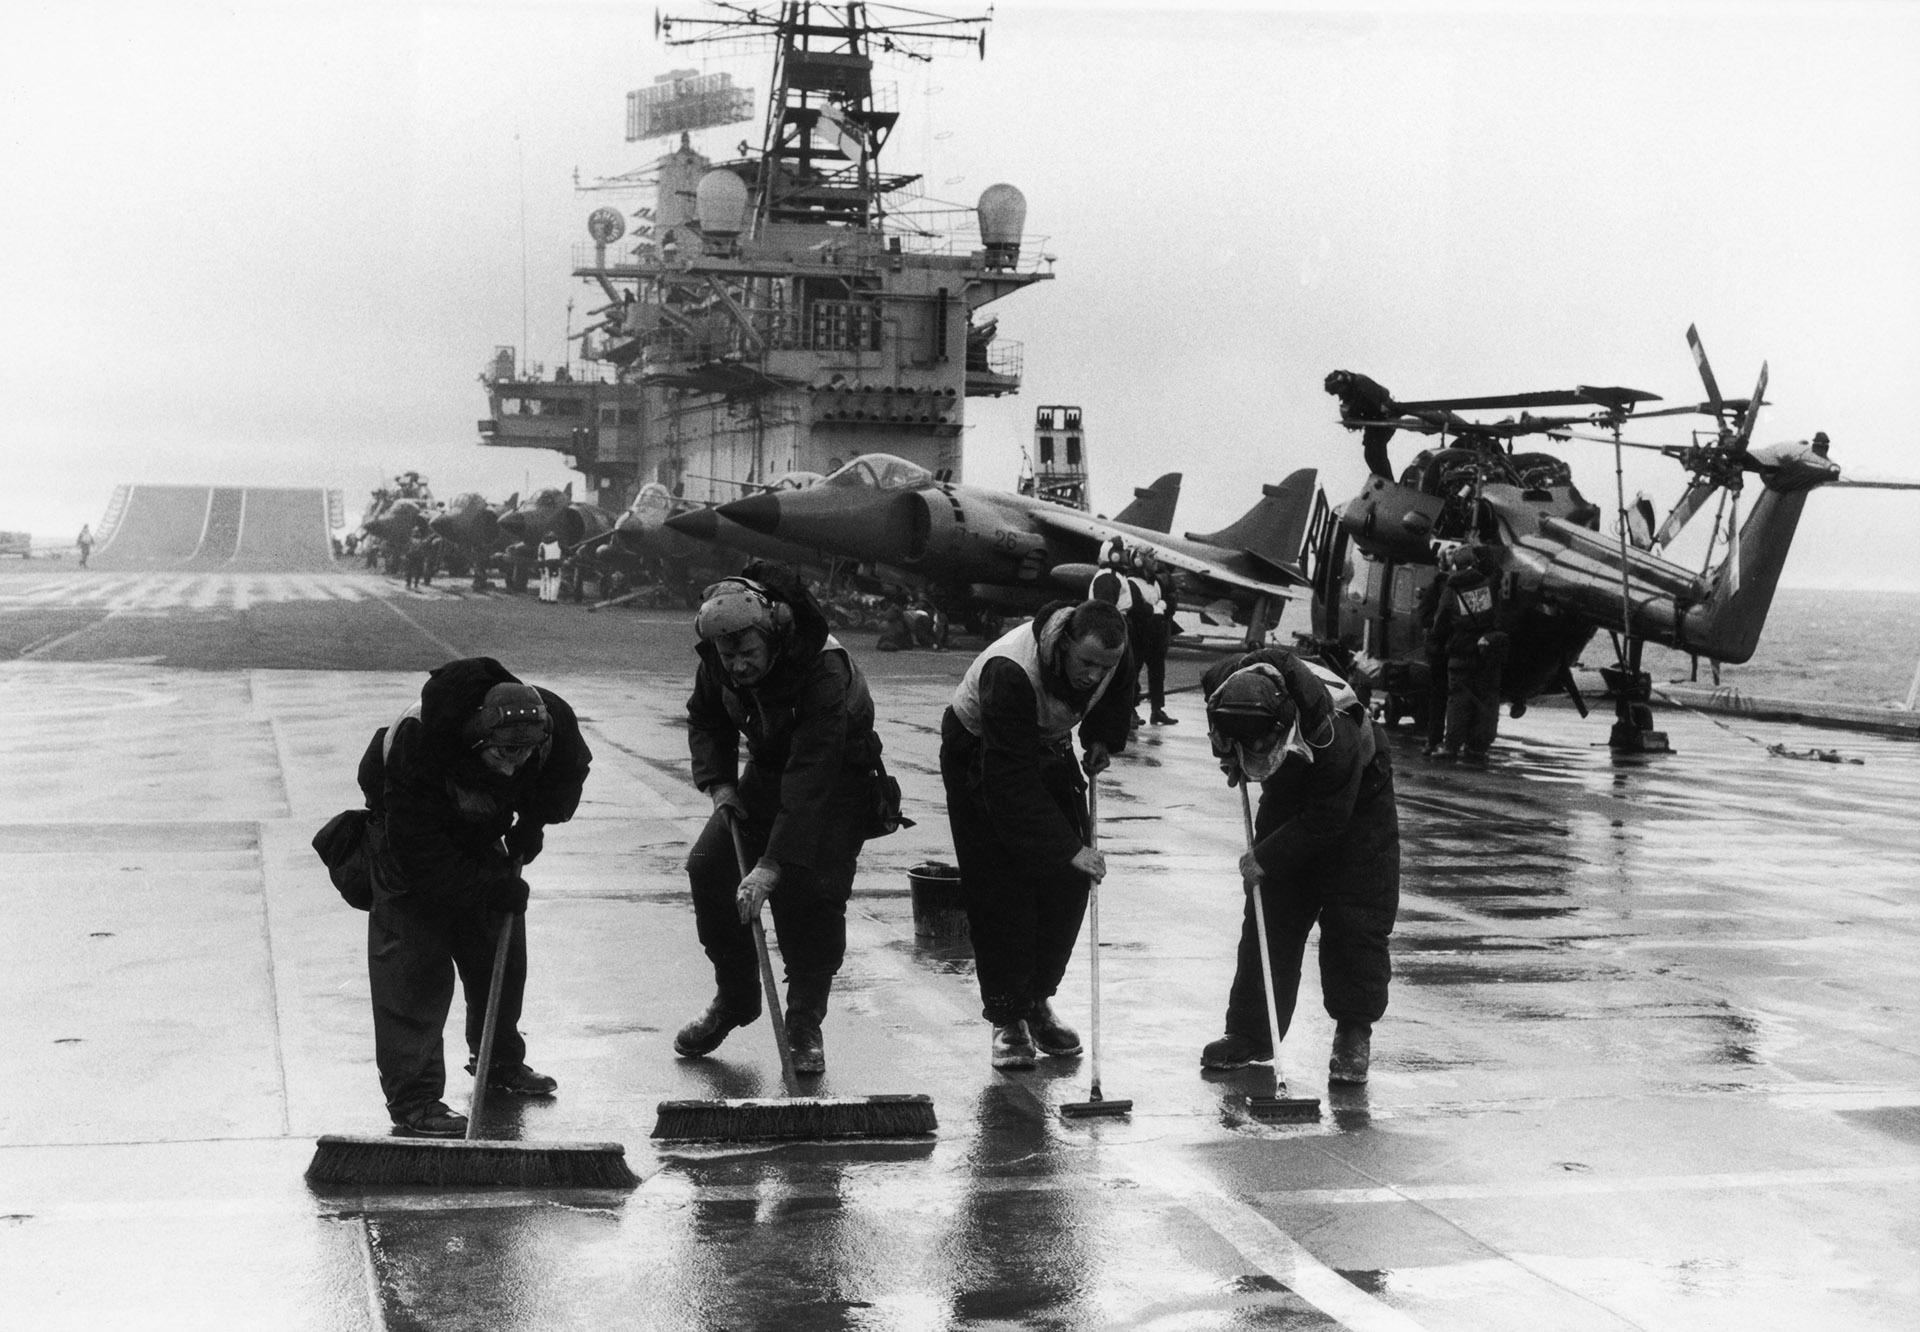 Cuatro hombres limpian la cubierta del portaviones británico HMS Hermes. Llevaba 16 caza navales Sea Harrier, 10 Harrier y 10 helicópteros pesados Sea King, así como un escuadrón de Servicio Aéreo Especial (SAS) y uno de Royal Marines, mayo de 1982 (Martin Cleaver/Pool/Getty Images)